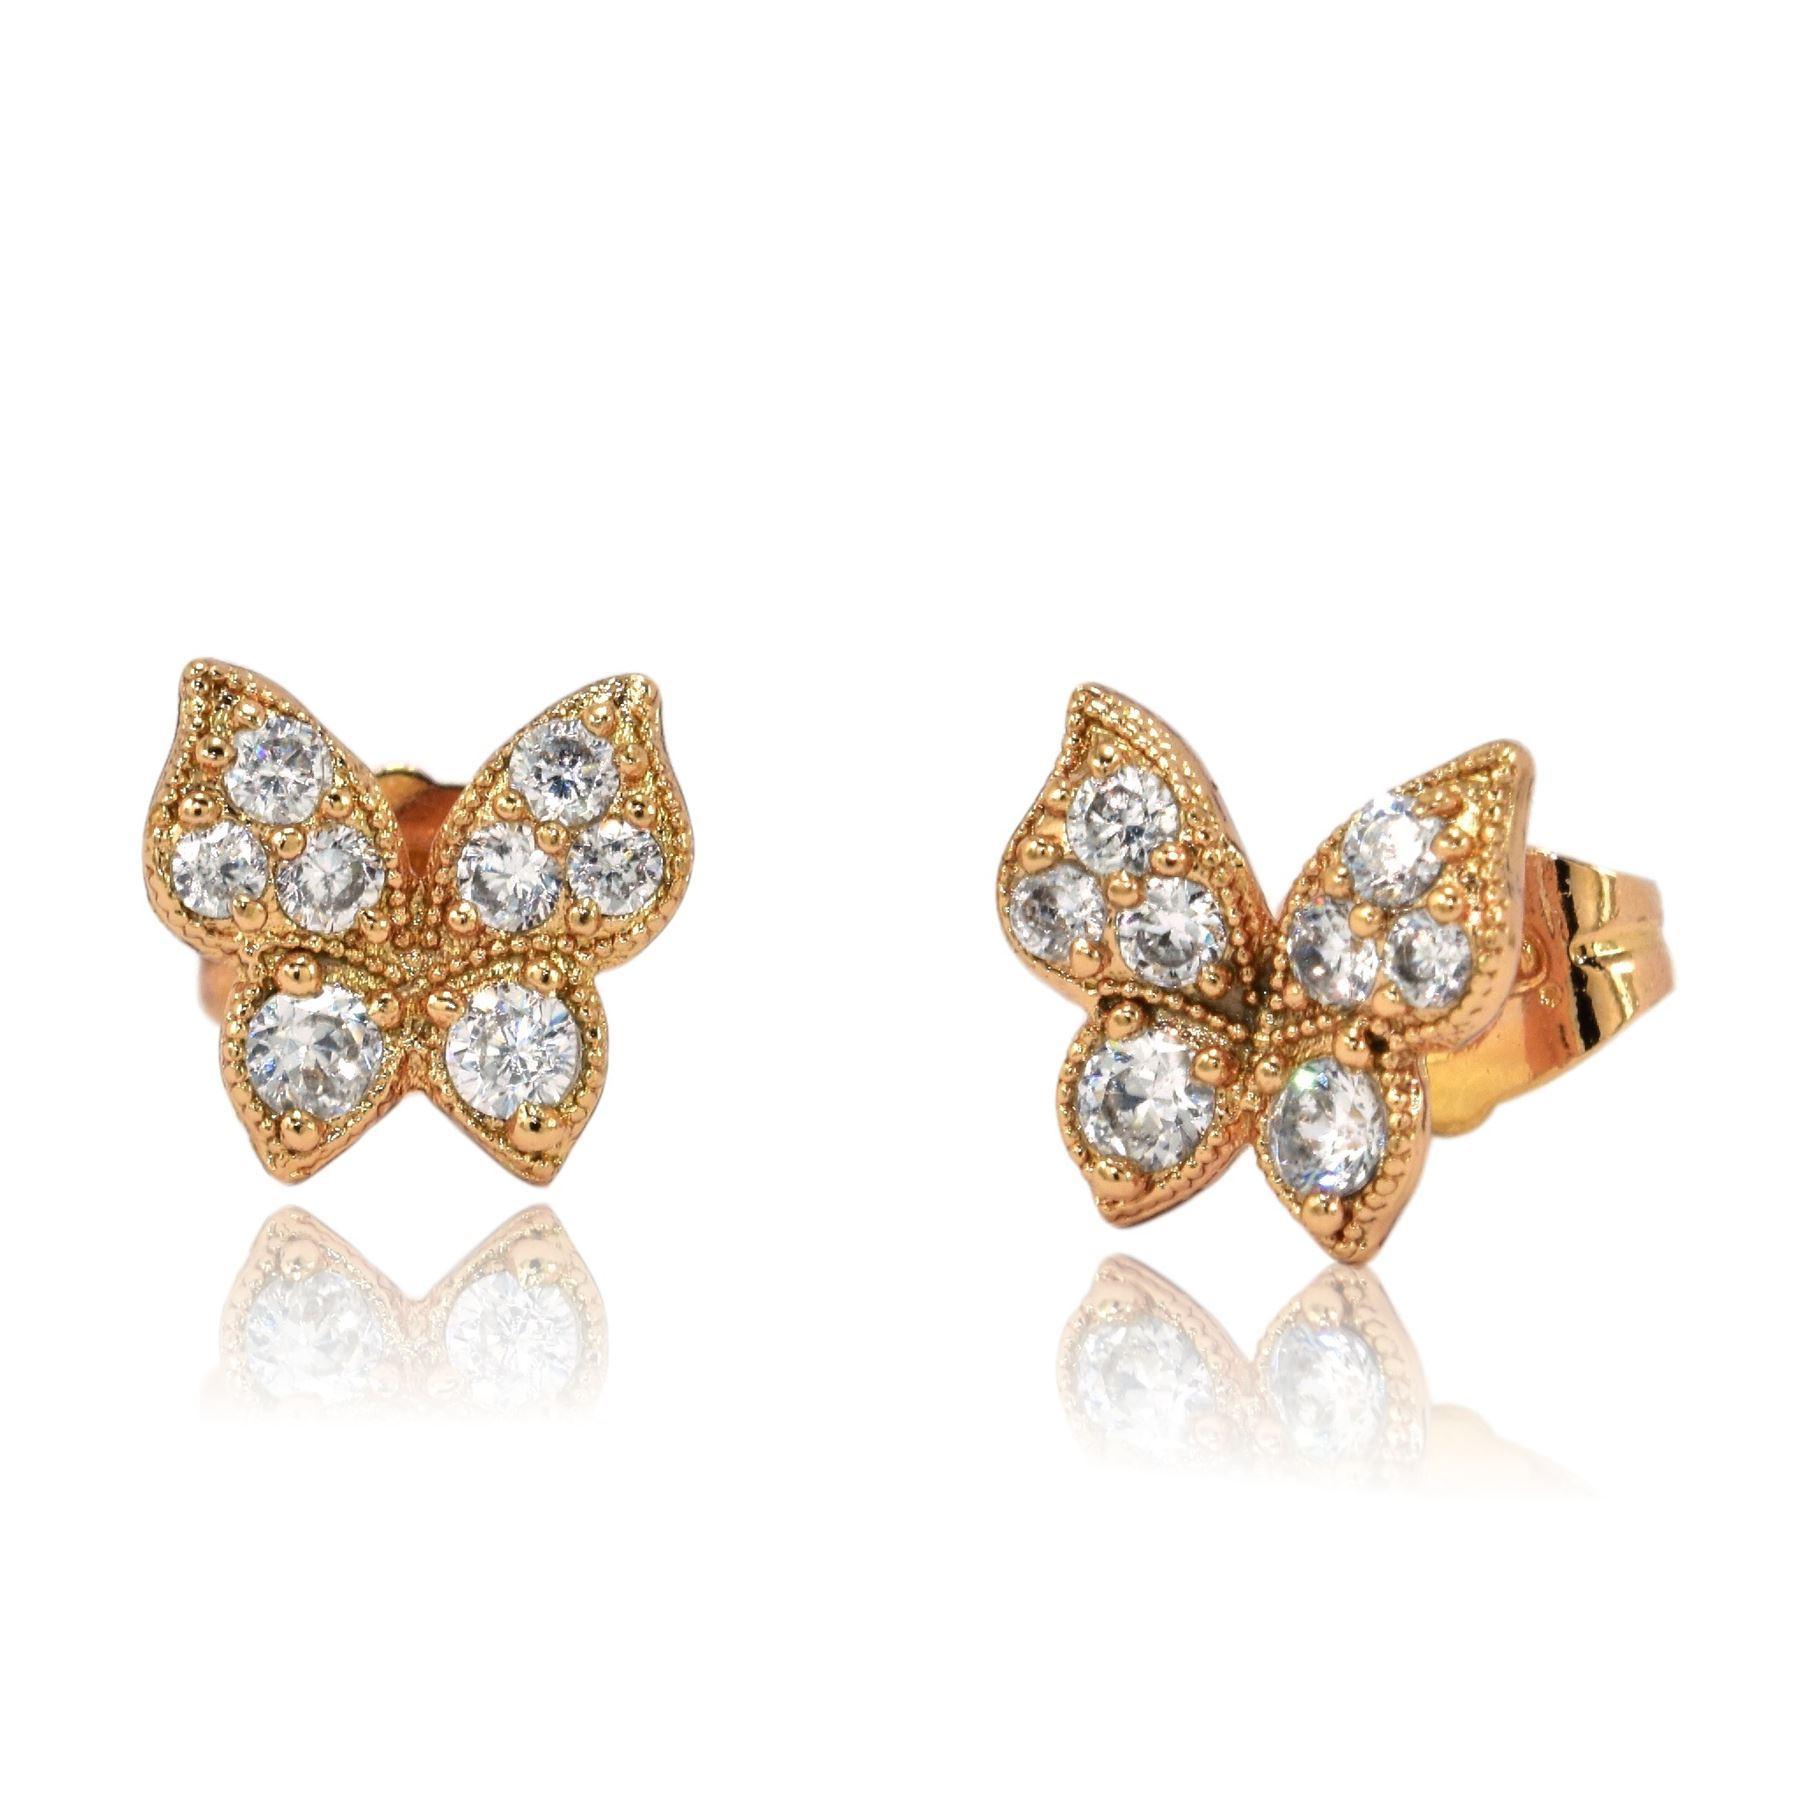 Gorgeous Small Butterfly Shaped Stud Earrings 9ct Rose. Composite Diamond Earrings. Cocktail Dress Earrings. Gold Leaf Earrings. Process Earrings. Seashell Earrings. Hip Hop Earrings. Ted Baker Earrings. Unique Ear Earrings